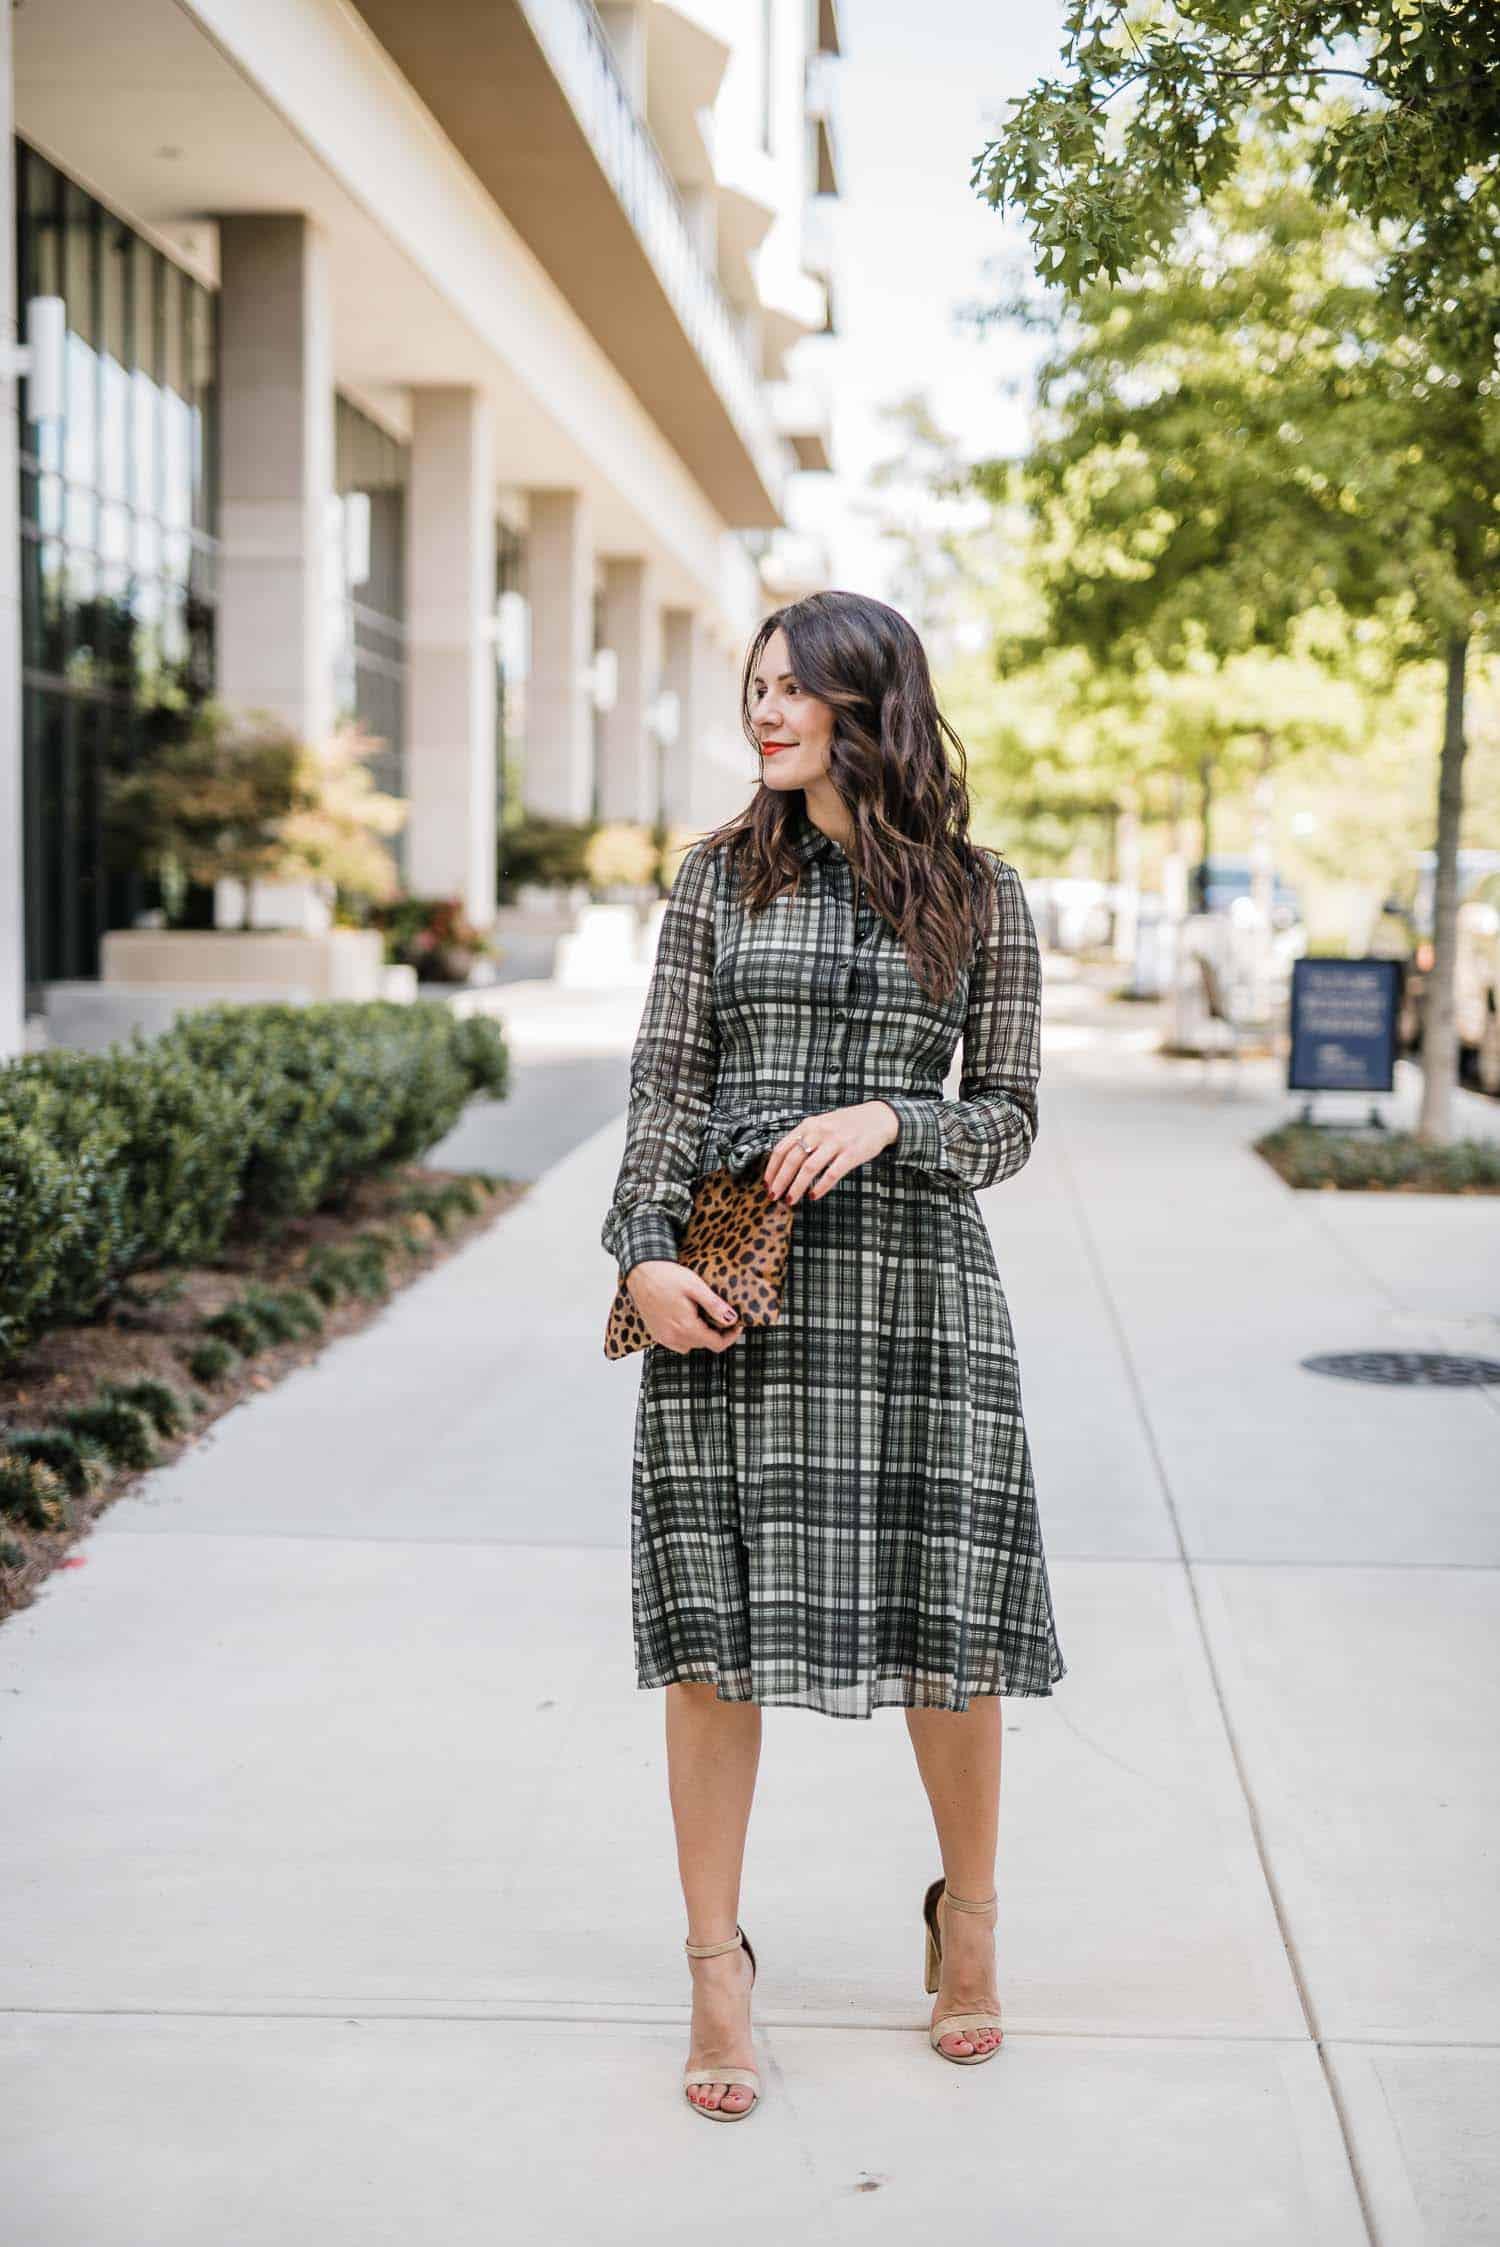 plaid shirtdress - My Style Vita